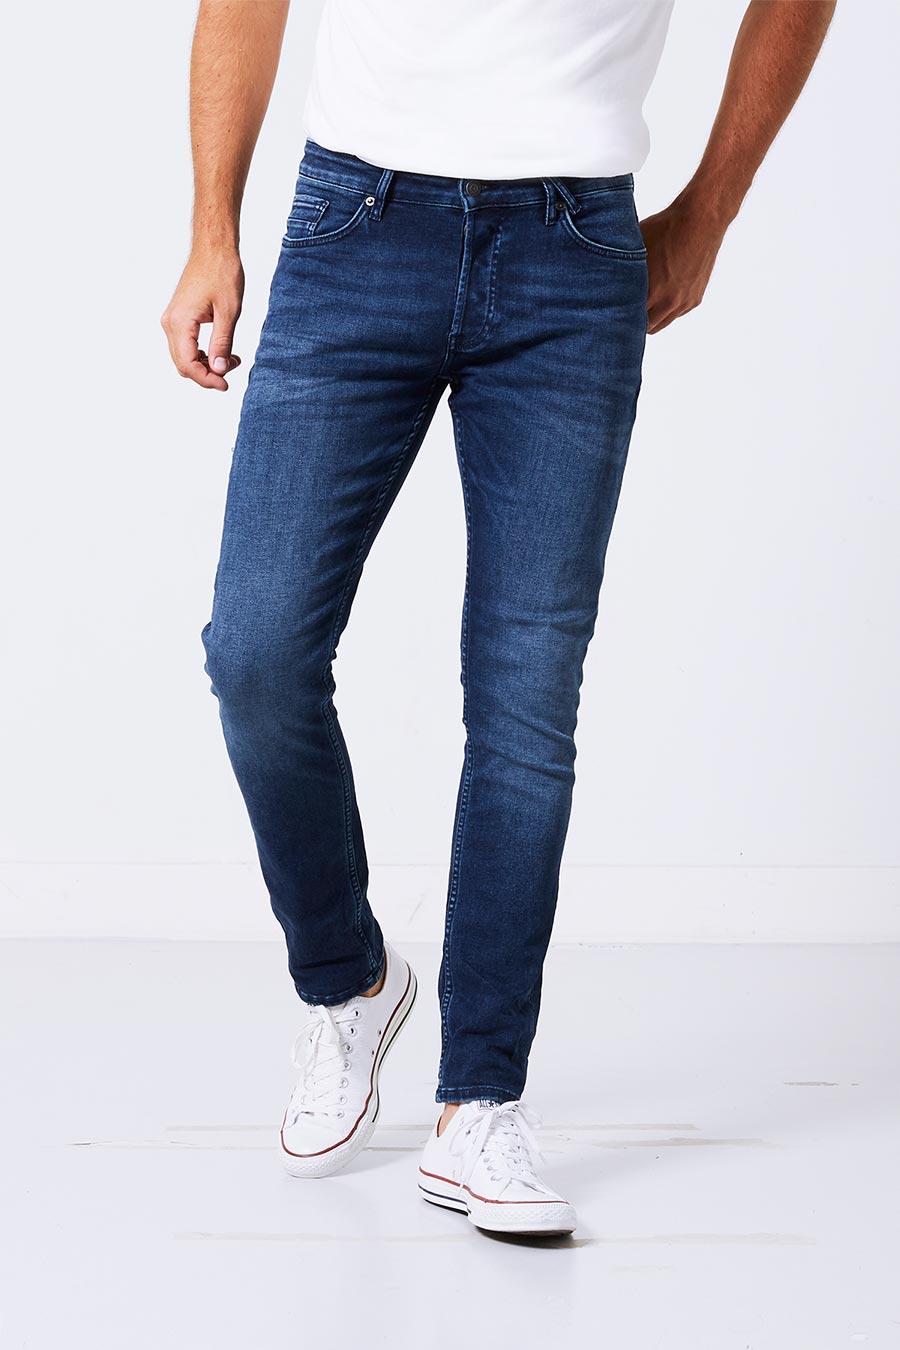 casper men Jeans